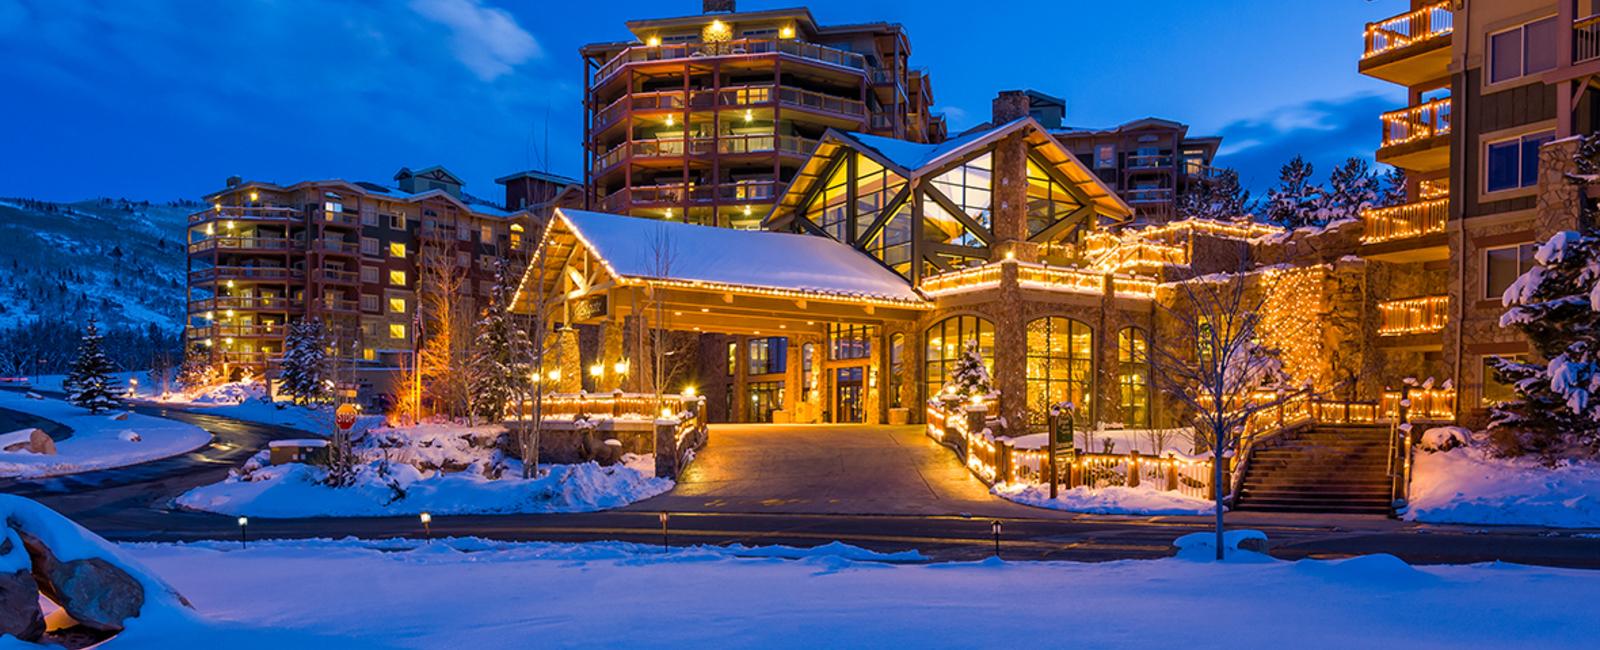 Park City Utah Resort And Spa